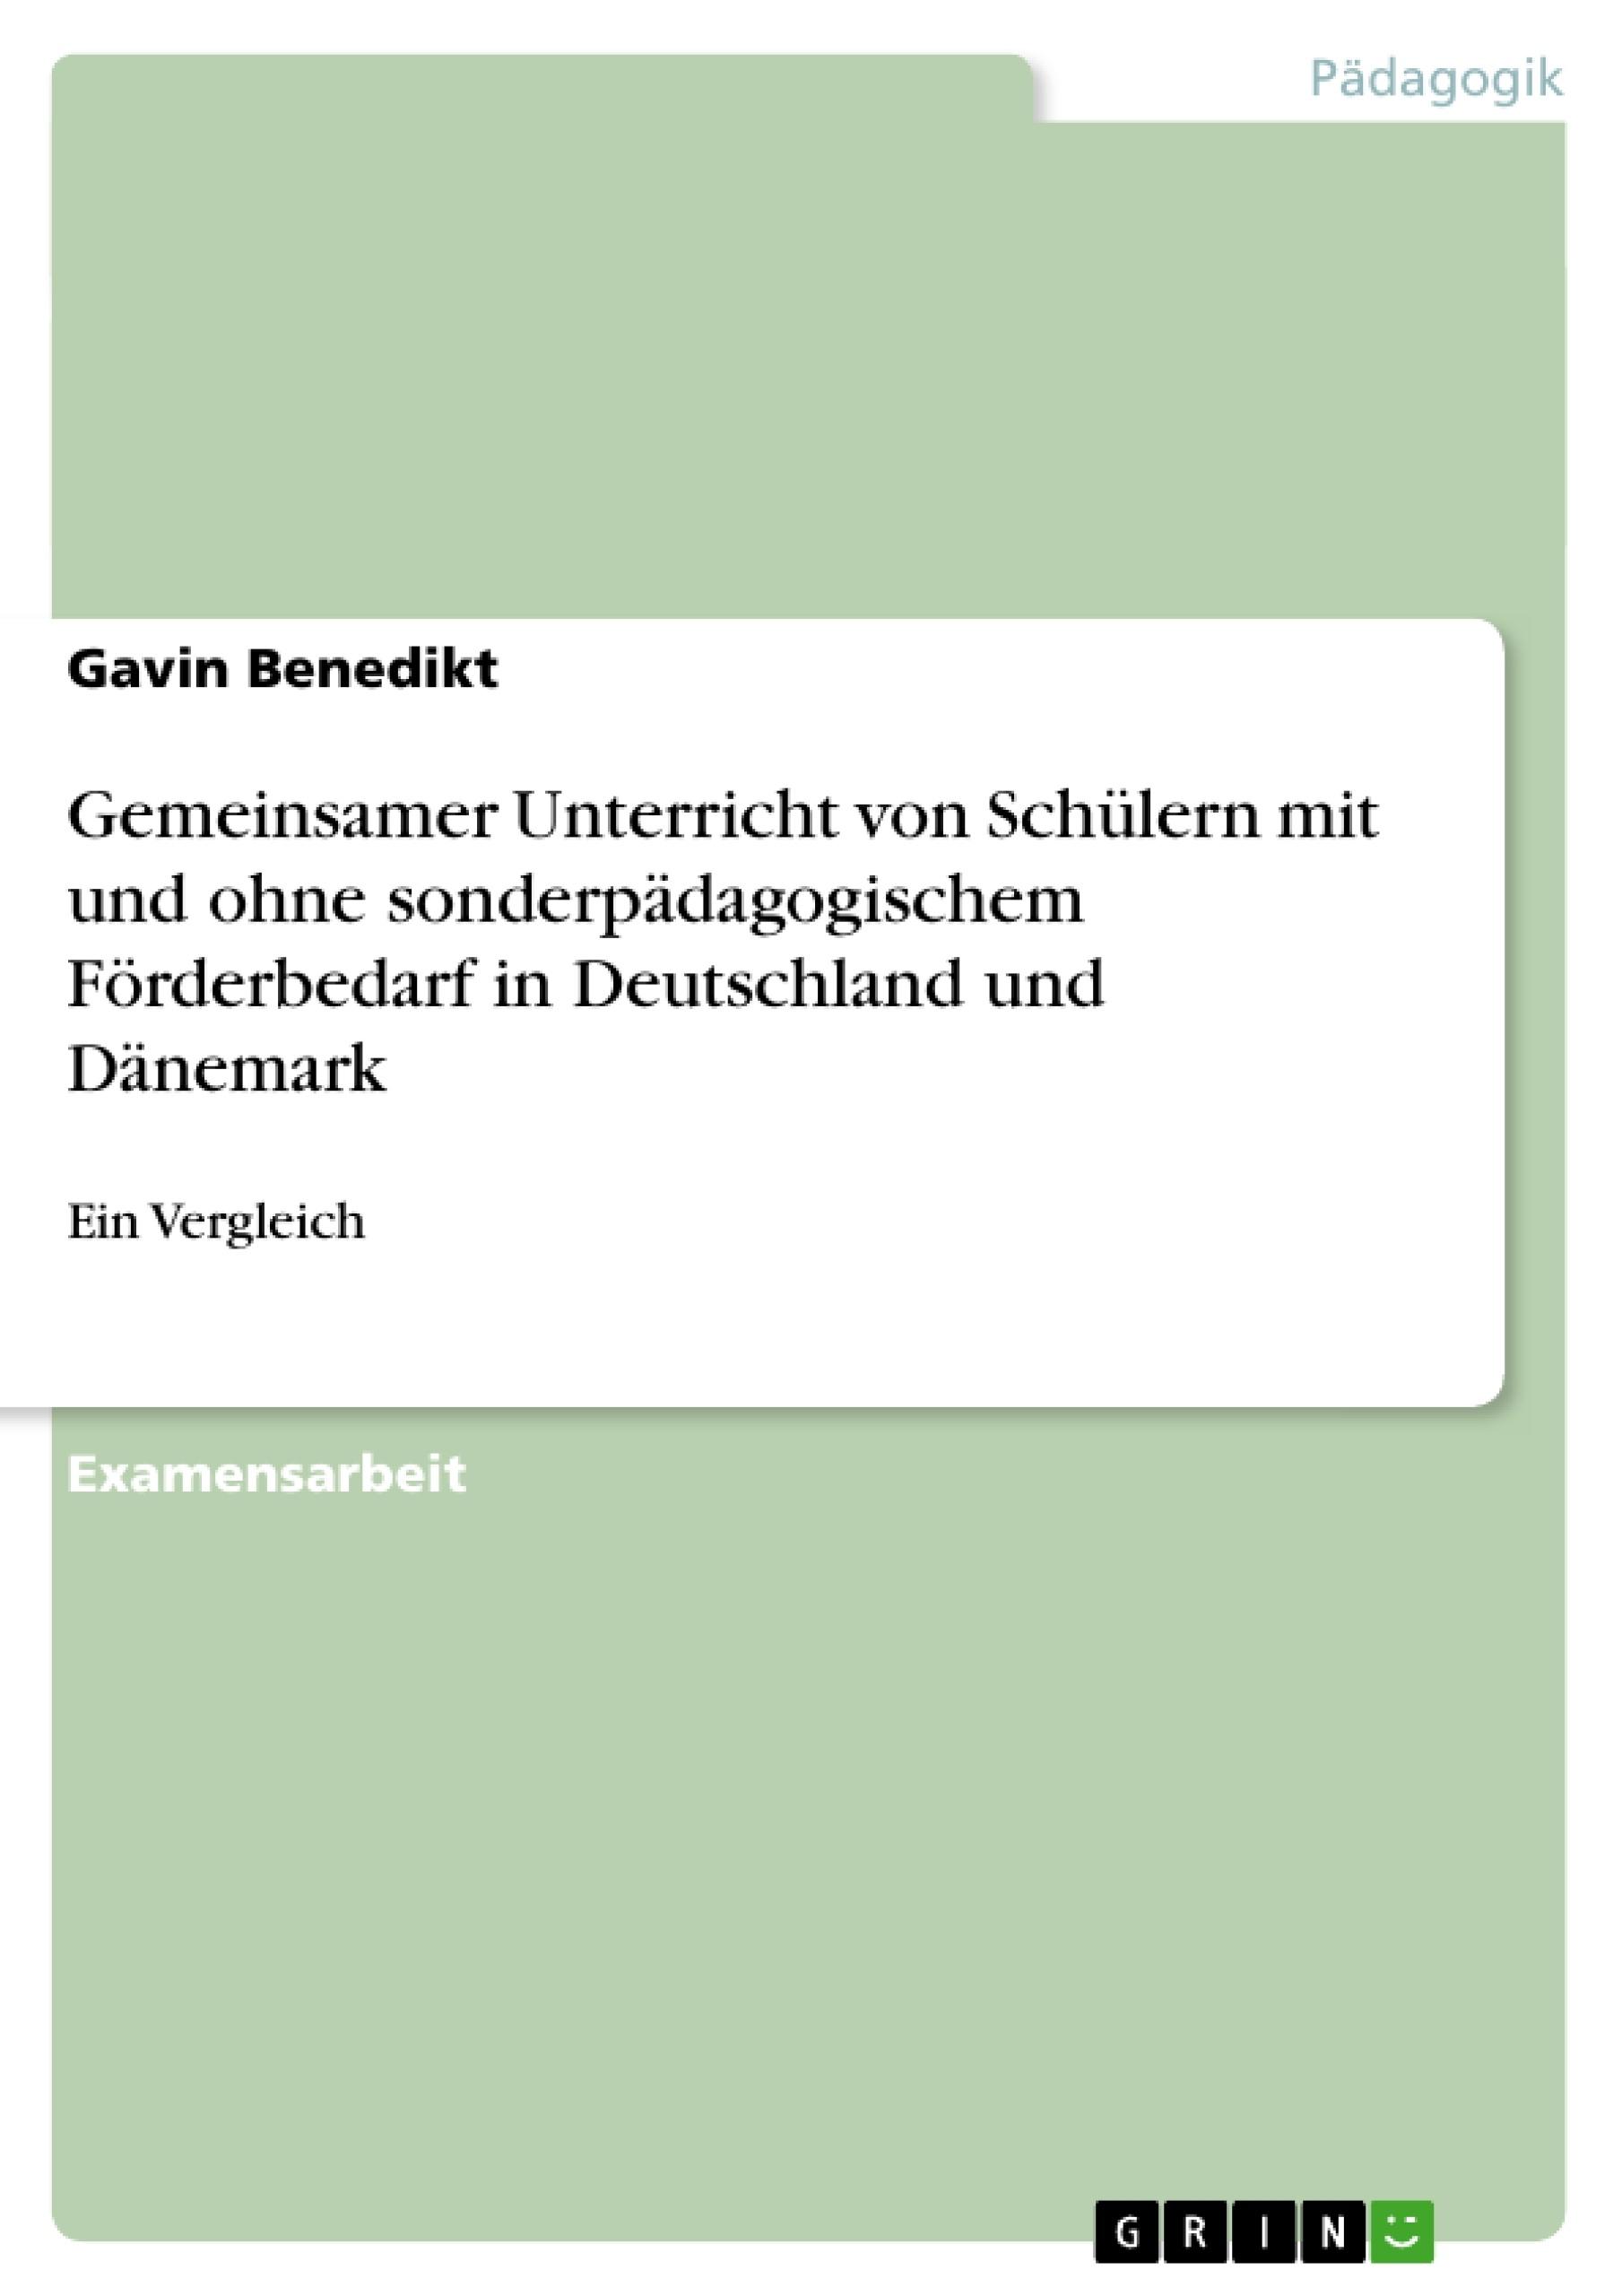 Titel: Gemeinsamer Unterricht von Schülern mit und ohne sonderpädagogischem Förderbedarf in Deutschland und Dänemark